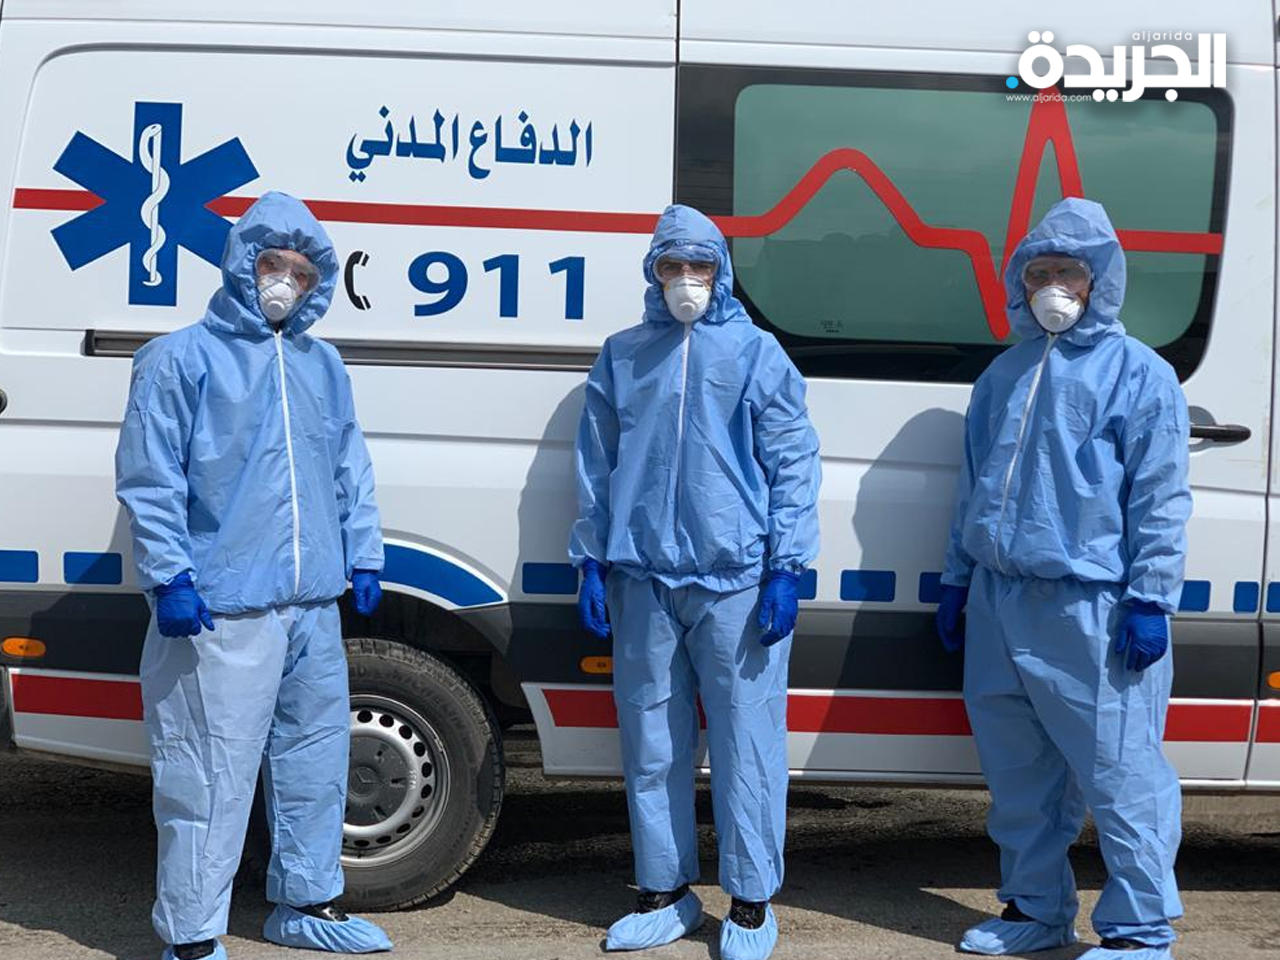 دولة عربية أخرى تعلت تسجيل أول إصابتين بالسلالة الجديدة لكورونا